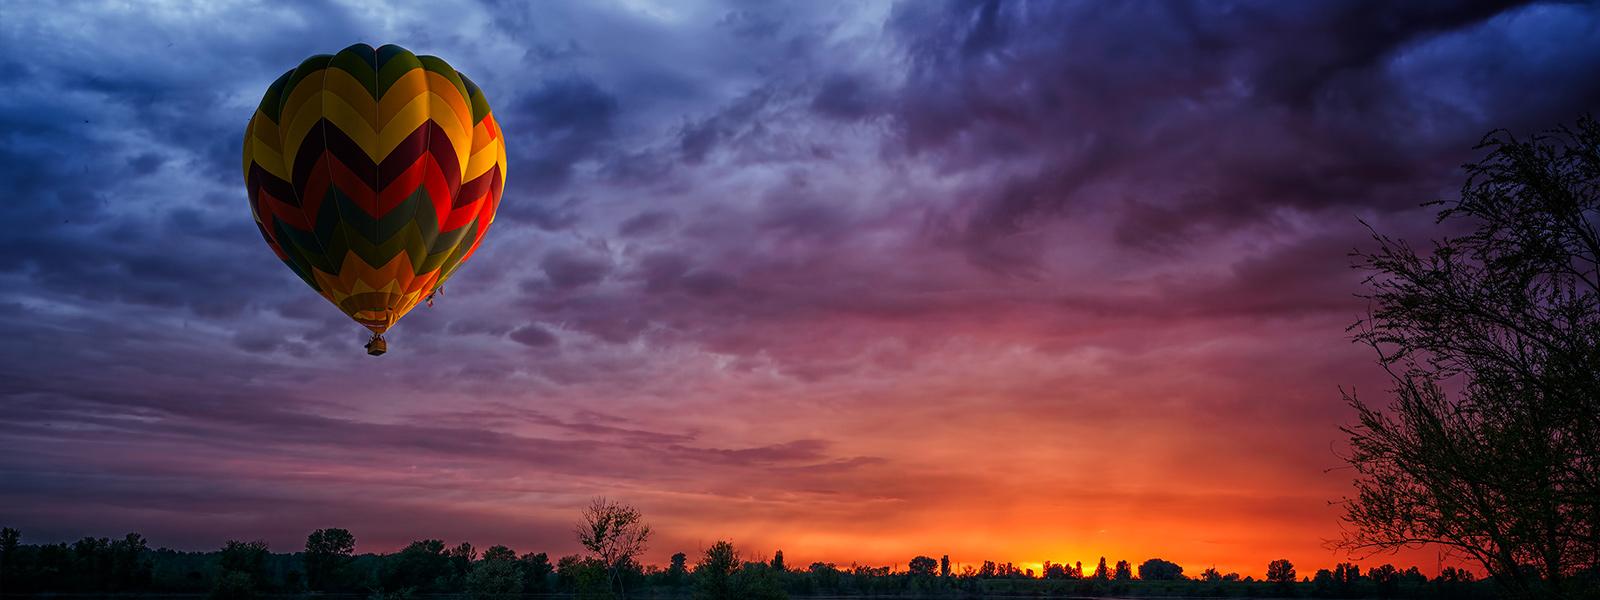 Microsoft Surface Studio zeigt Bild eines Heißluftballons vor strahlendem Himmel im DCI-P3-Farbmodus.